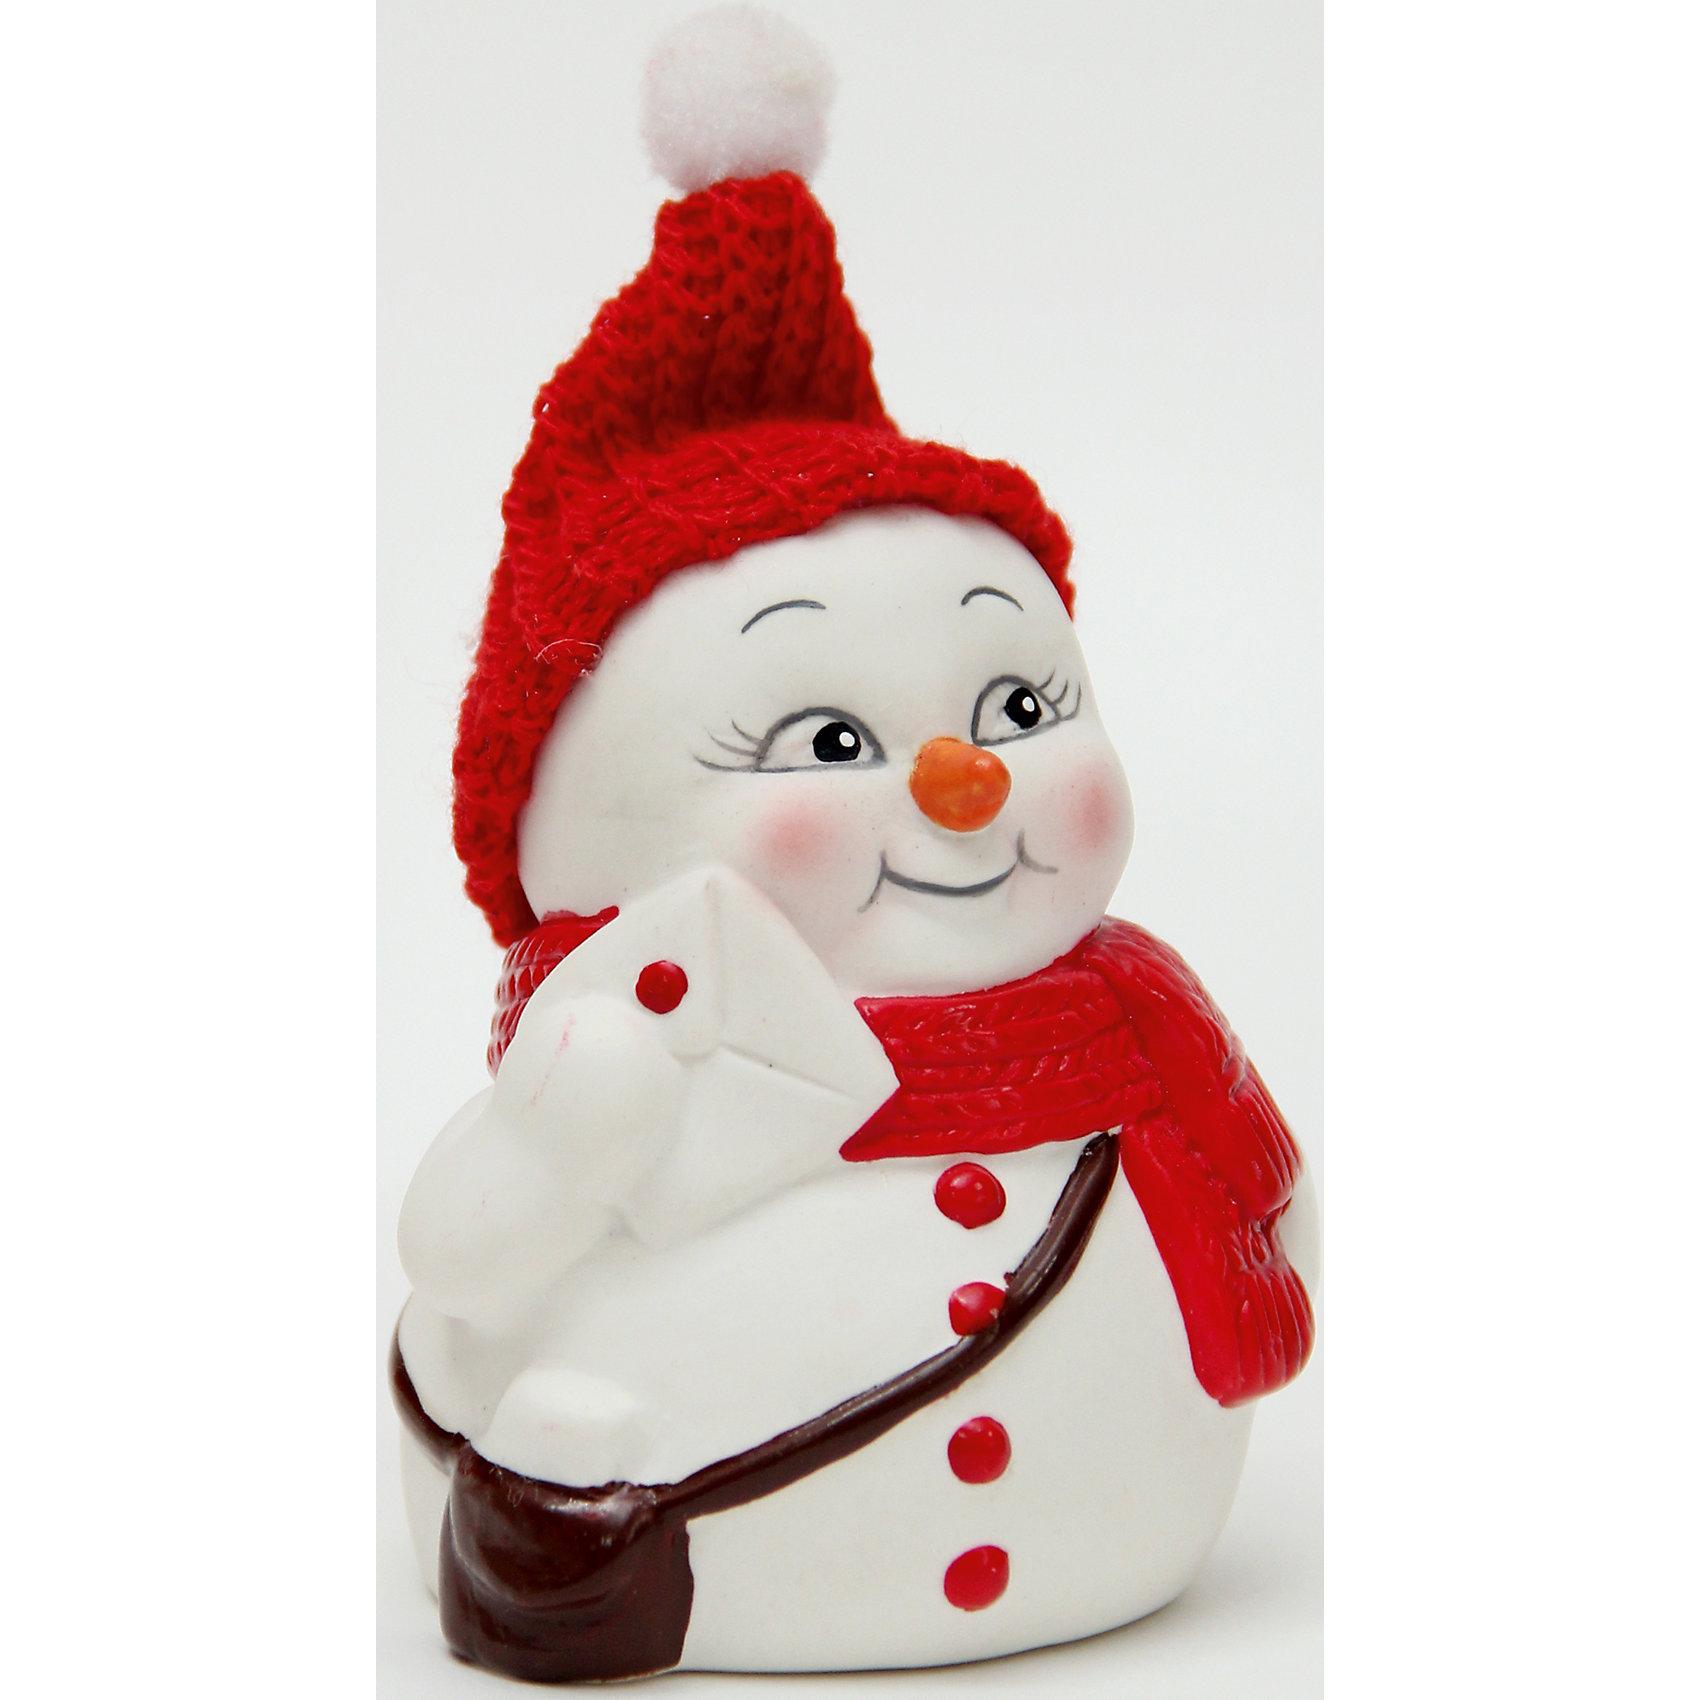 Керамический снеговик ПочтальонВсё для праздника<br>Эта керамическая фигурка может стать отличным подарком на Новый год или украшением для дома! Особое время - сам праздник и предновогодние хлопоты - ждут не только дети, но и взрослые! Праздничное настроение создает в первую очередь украшенный дом и наряженная ёлка. <br>Эта фигурка создаст особый настрой, она выглядит очень празднично и симпатично. Изделие произведено из безопасного для детей материала. Создайте с ним праздничное настроение себе и близким!<br><br>Дополнительная информация:<br><br>цвет: разноцветный;<br>материал: керамика;<br>размер: 8 см.<br><br>Керамический снеговик Почтальон можно купить в нашем магазине.<br><br>Ширина мм: 150<br>Глубина мм: 150<br>Высота мм: 60<br>Вес г: 93<br>Возраст от месяцев: 36<br>Возраст до месяцев: 2147483647<br>Пол: Унисекс<br>Возраст: Детский<br>SKU: 4981672